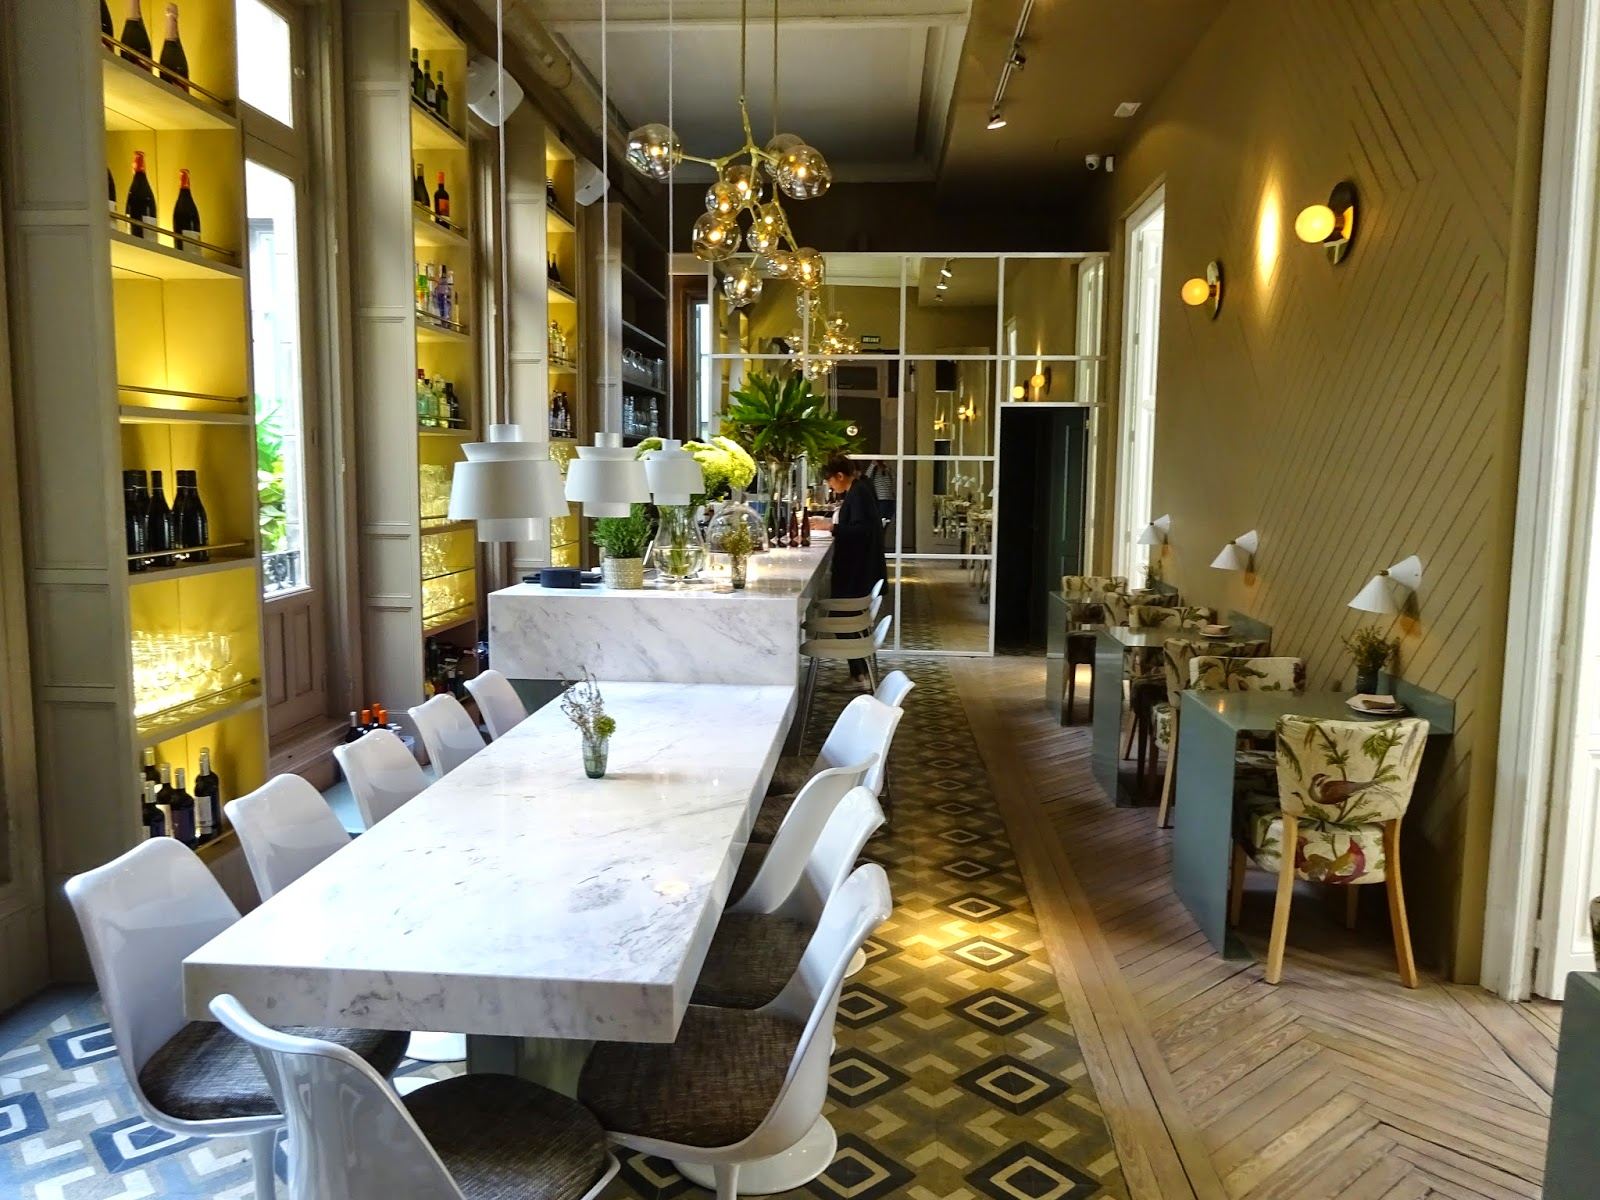 El imparcial restaurante Madrid Duque de Alba 4 tirso de molina espacio i. la latina restaurante lavapies